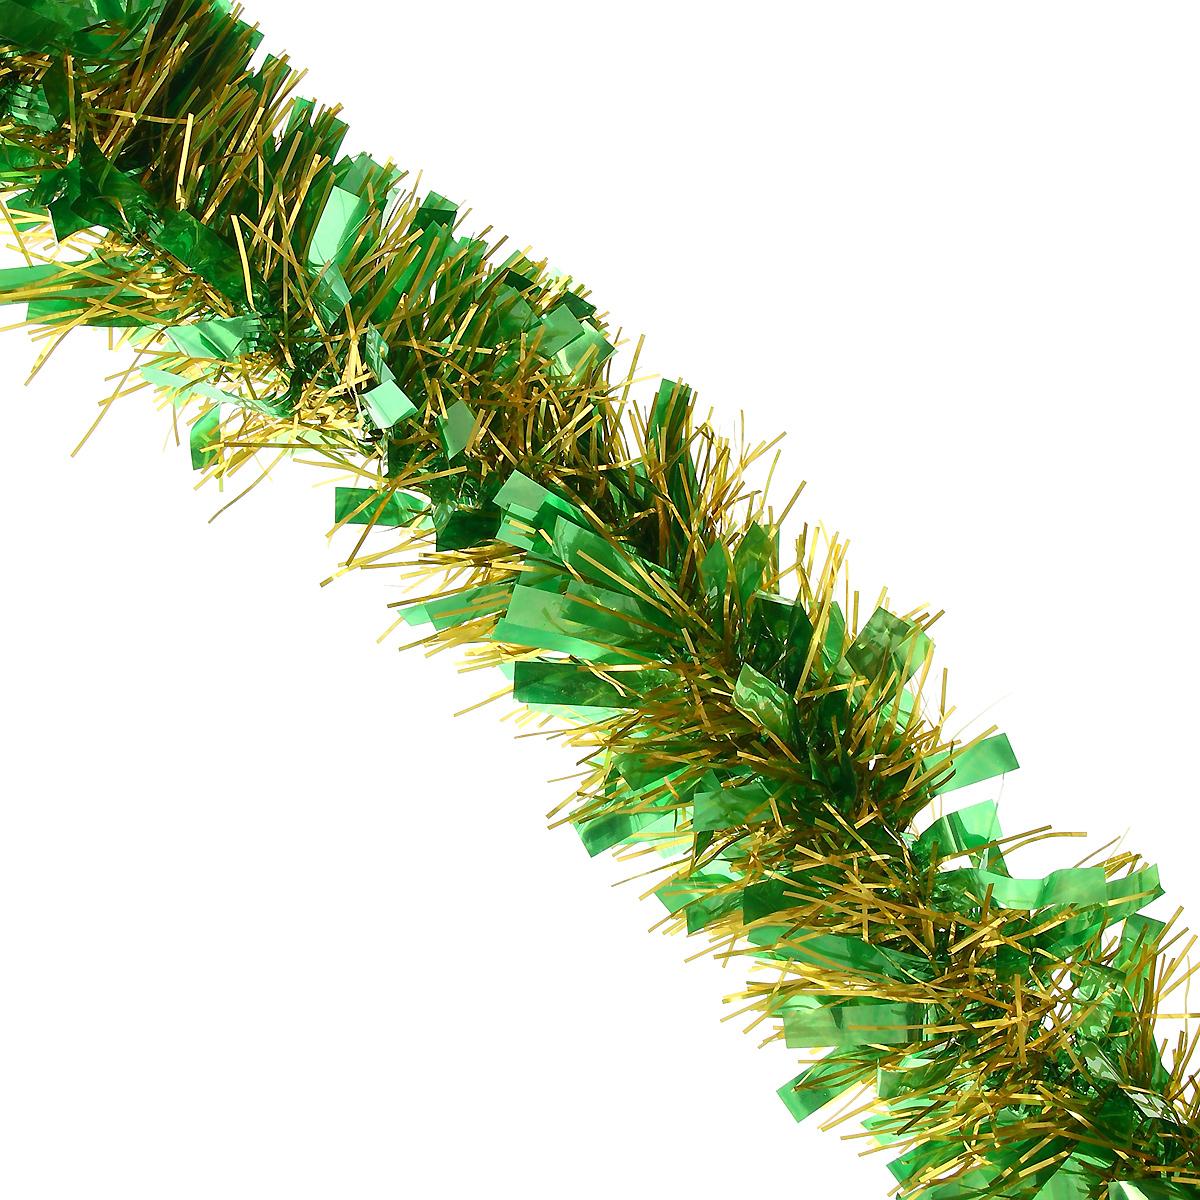 Мишура новогодняя Magic Time, диаметр 9 см, длина 200 см, цвет: зеленый, желтый. 2696626966Новогодняя мишура Magic Time, выполненная из ПЭТ (Полиэтилентерефталат), поможет вам украсить свой дом кпредстоящим праздникам. Изделие выполнено в виде скрученной косички. Новогодняя елка с таким украшениемстанет еще наряднее. Мишура армирована, то есть имеет проволоку внутри и способна сохранять форму. Новогодней мишурой можно украсить все, что угодно - елку, квартиру, дачу, офис - как внутри, так и снаружи.Можно сложить новогодние поздравления, буквы и цифры, мишурой можно украсить и дополнить гирлянды, можновыделить дверные колонны, оплести дверные проемы. Коллекция декоративных украшений из серии Magic Time принесет в ваш дом ни с чем несравнимое ощущениеволшебства! Создайте в своем доме атмосферу тепла, веселья и радости, украшая его всей семьей.